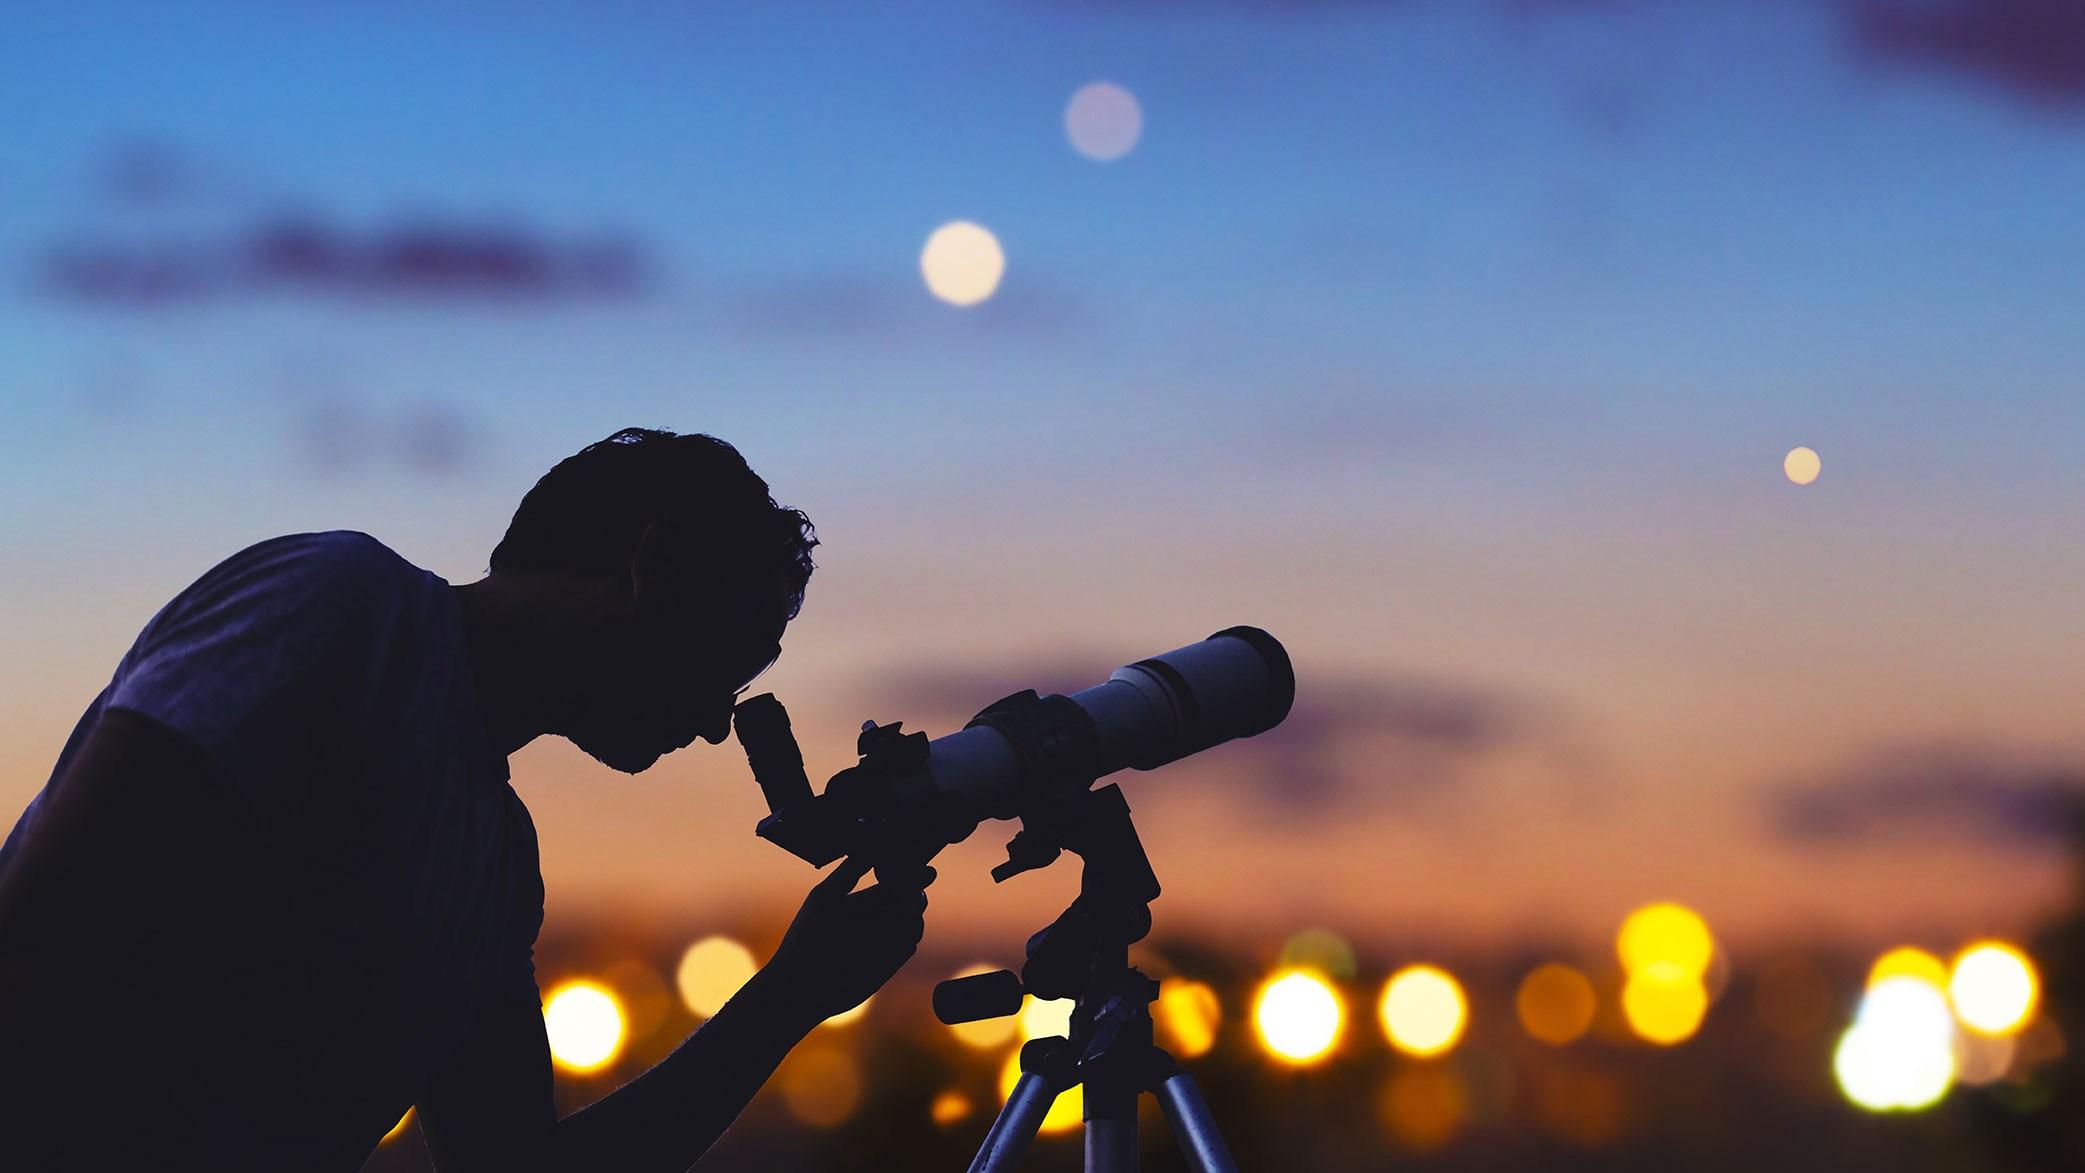 AltText: Mann mit Teleskop symbolisiert einen globalen Erbenermittler.